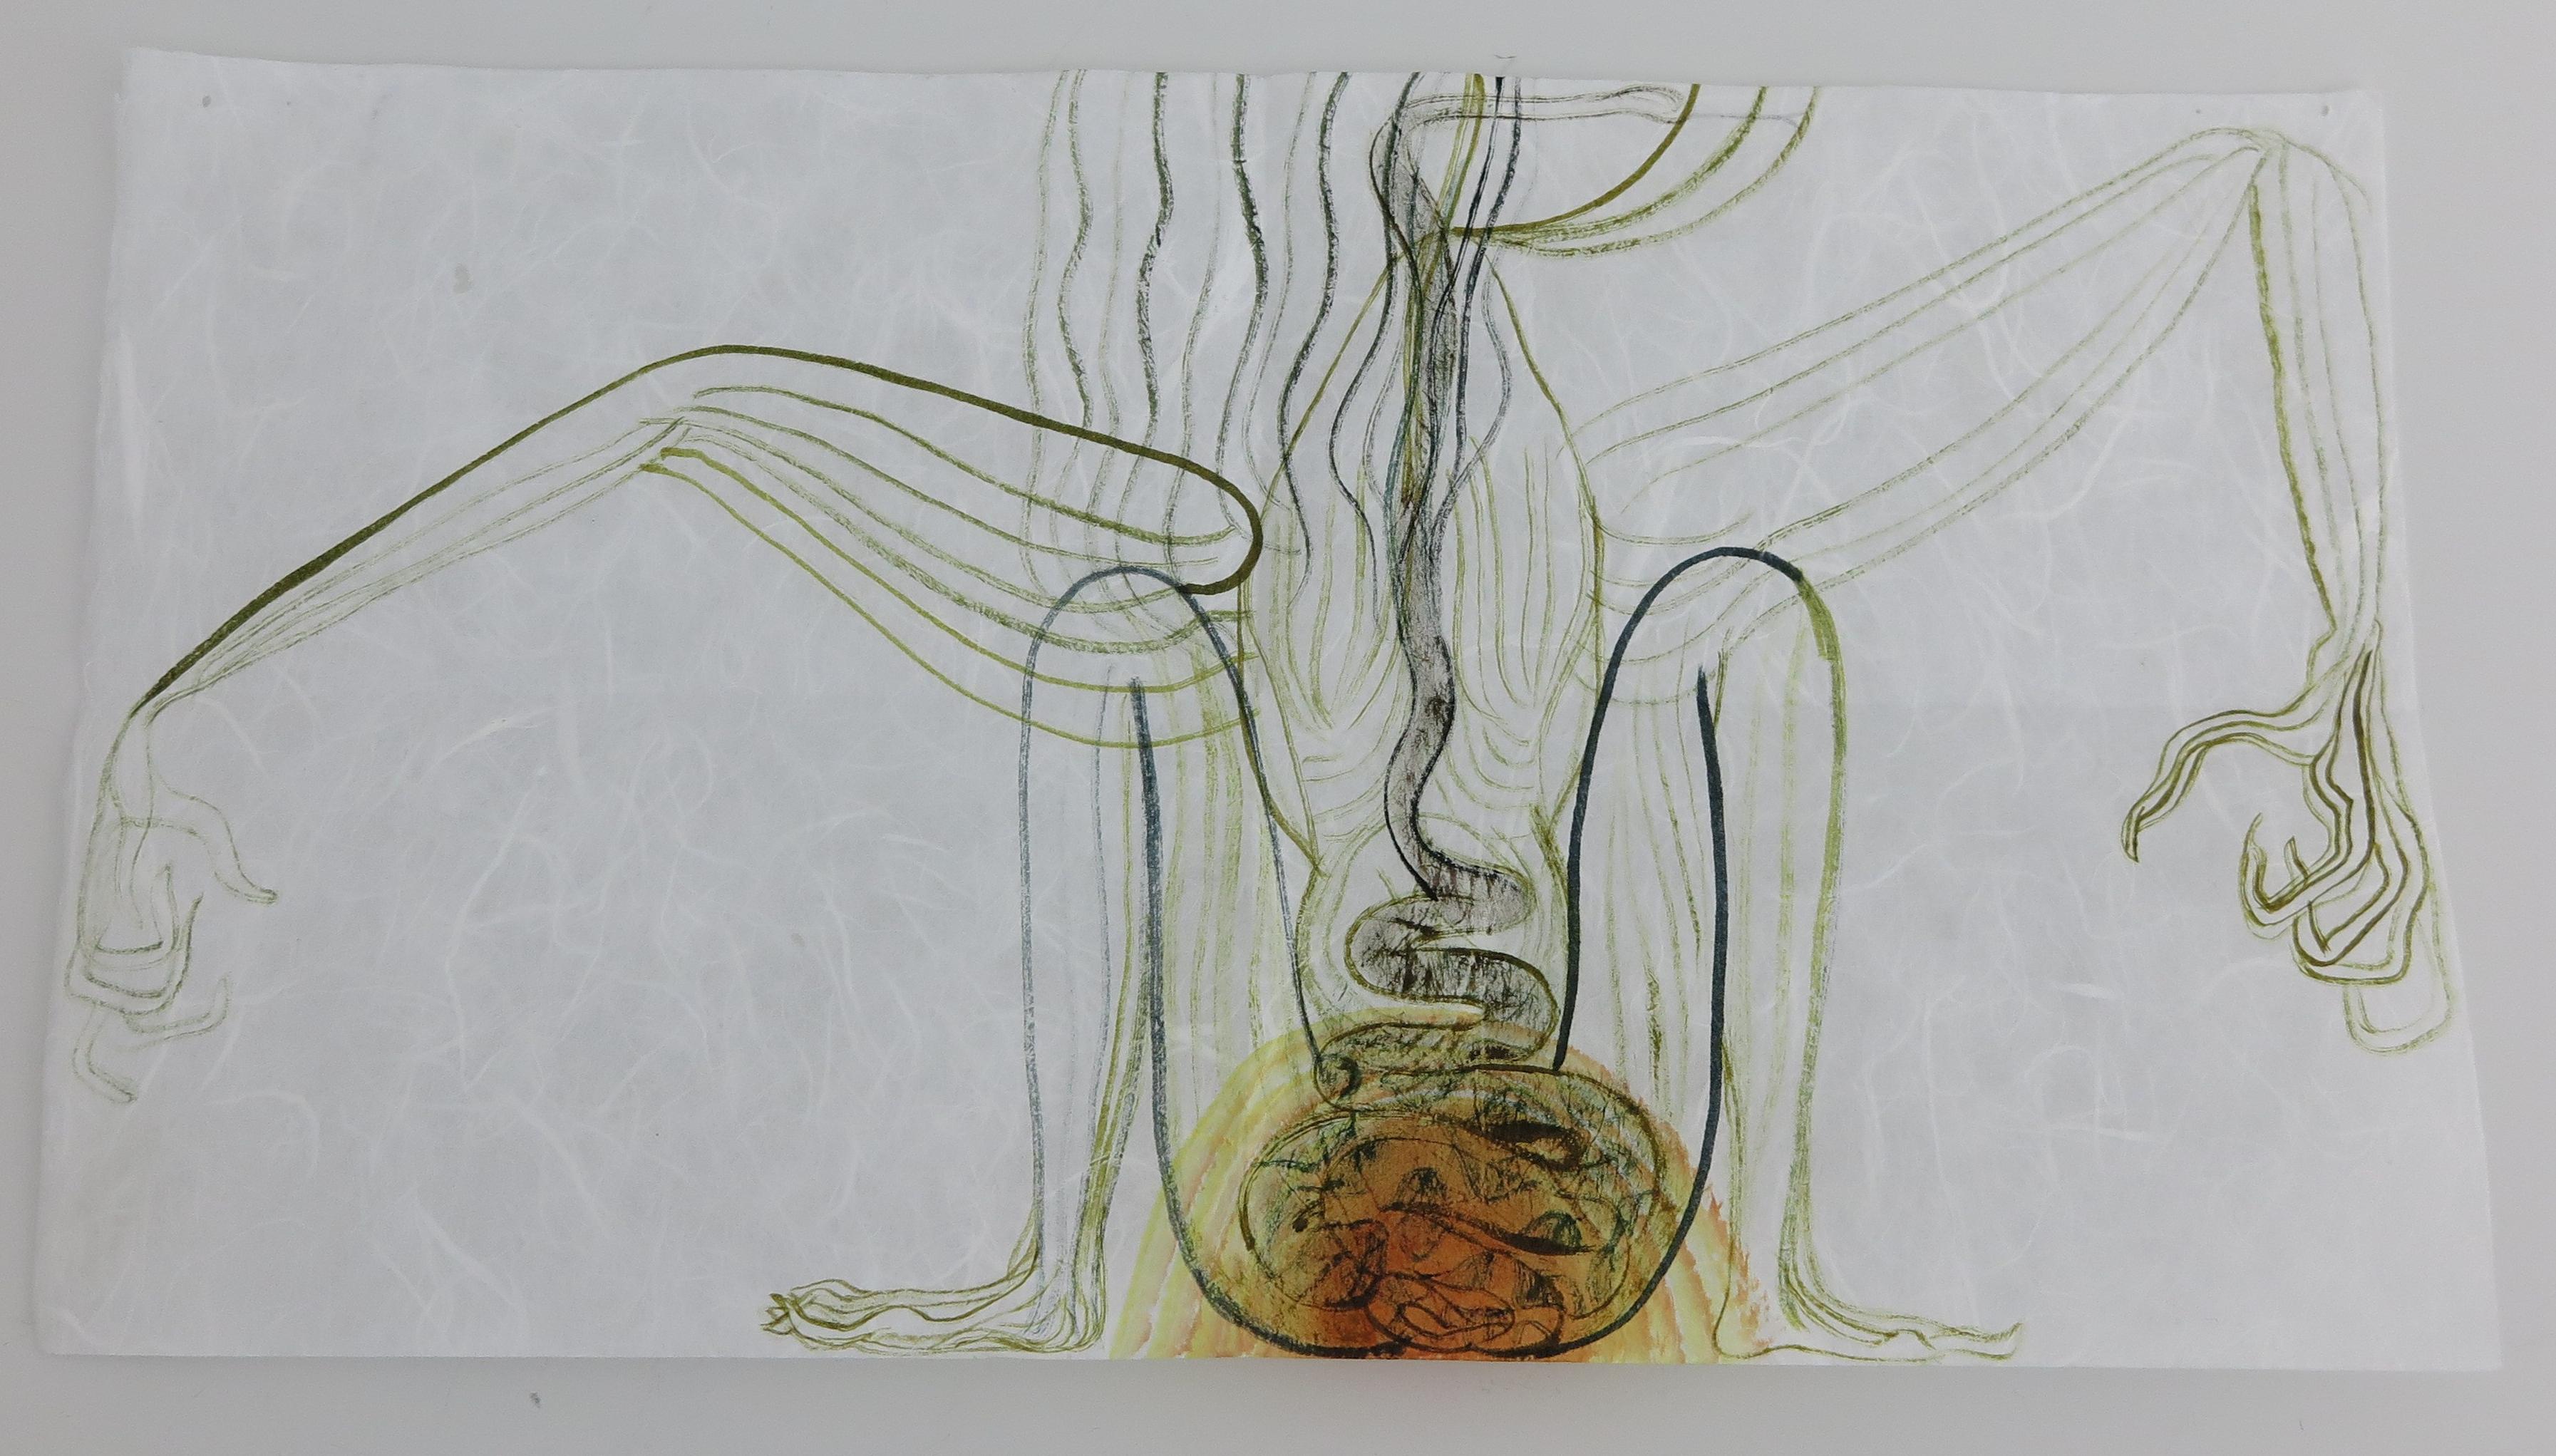 Elma-talbot_woman-snake-bird_galerie-onrust_4